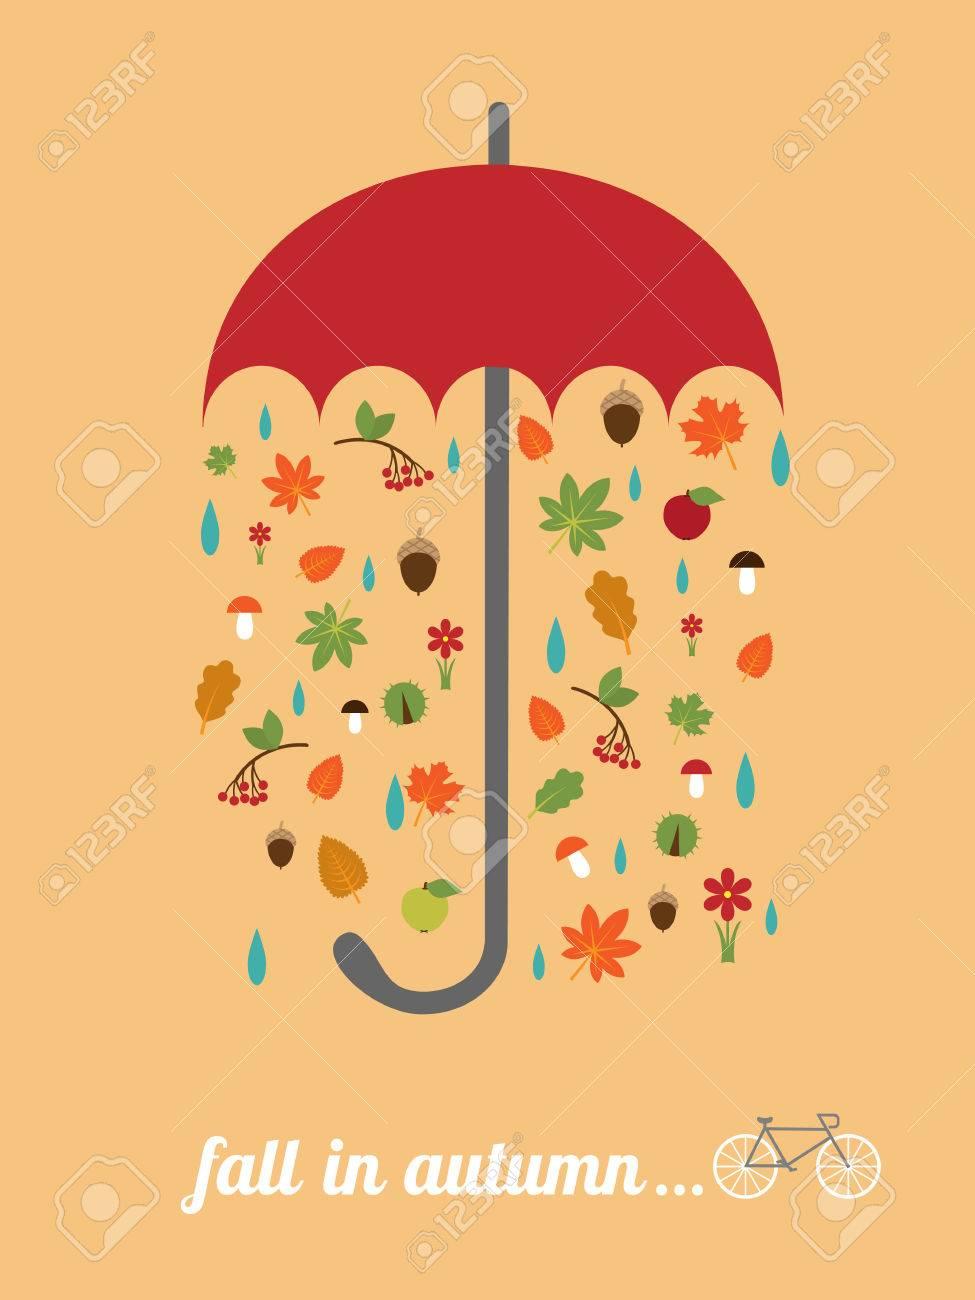 Vektor-Karte-Vorlage Mit Roten Regenschirm, Fallende Blätter, Retro ...